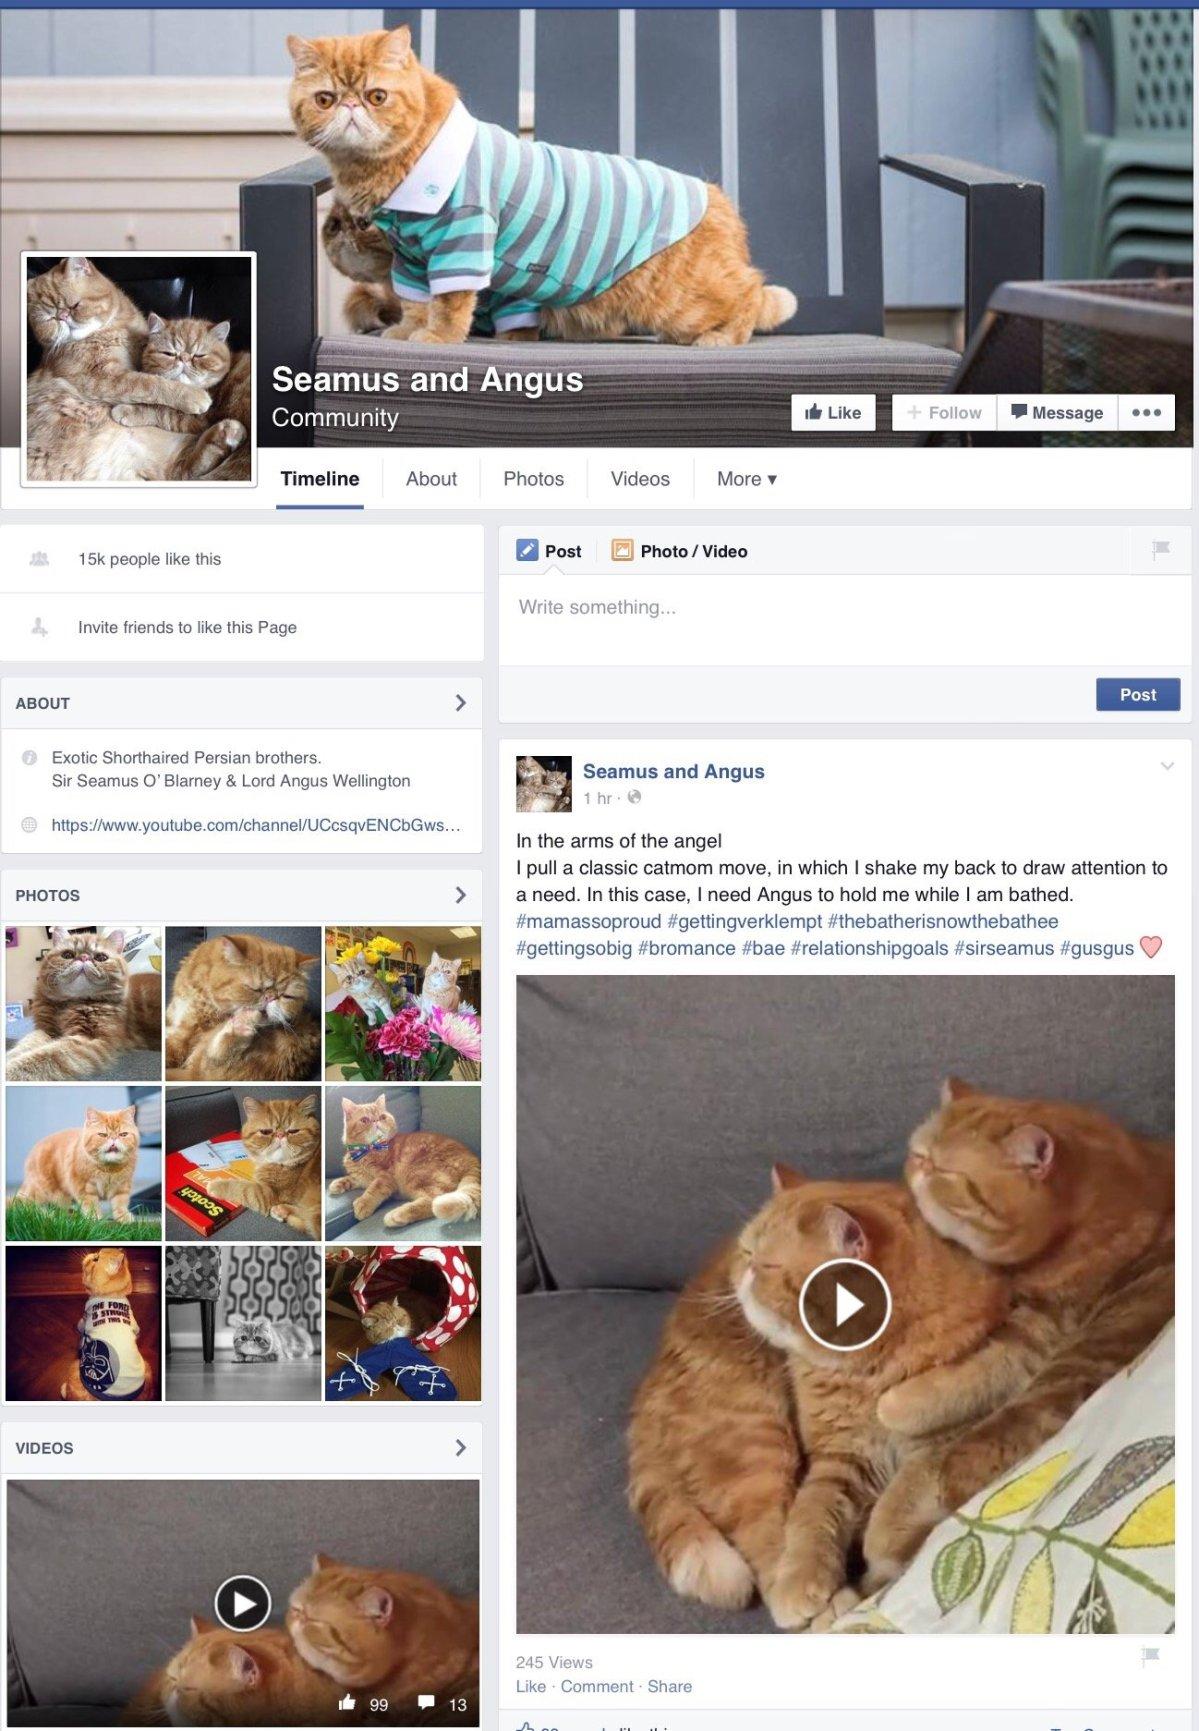 พลาดไม่ได้..คลิปฉาวแมวพลอดรัก ปลุกปล้ำกันน่ารักผุด..ผุด.. 23 - Garfield